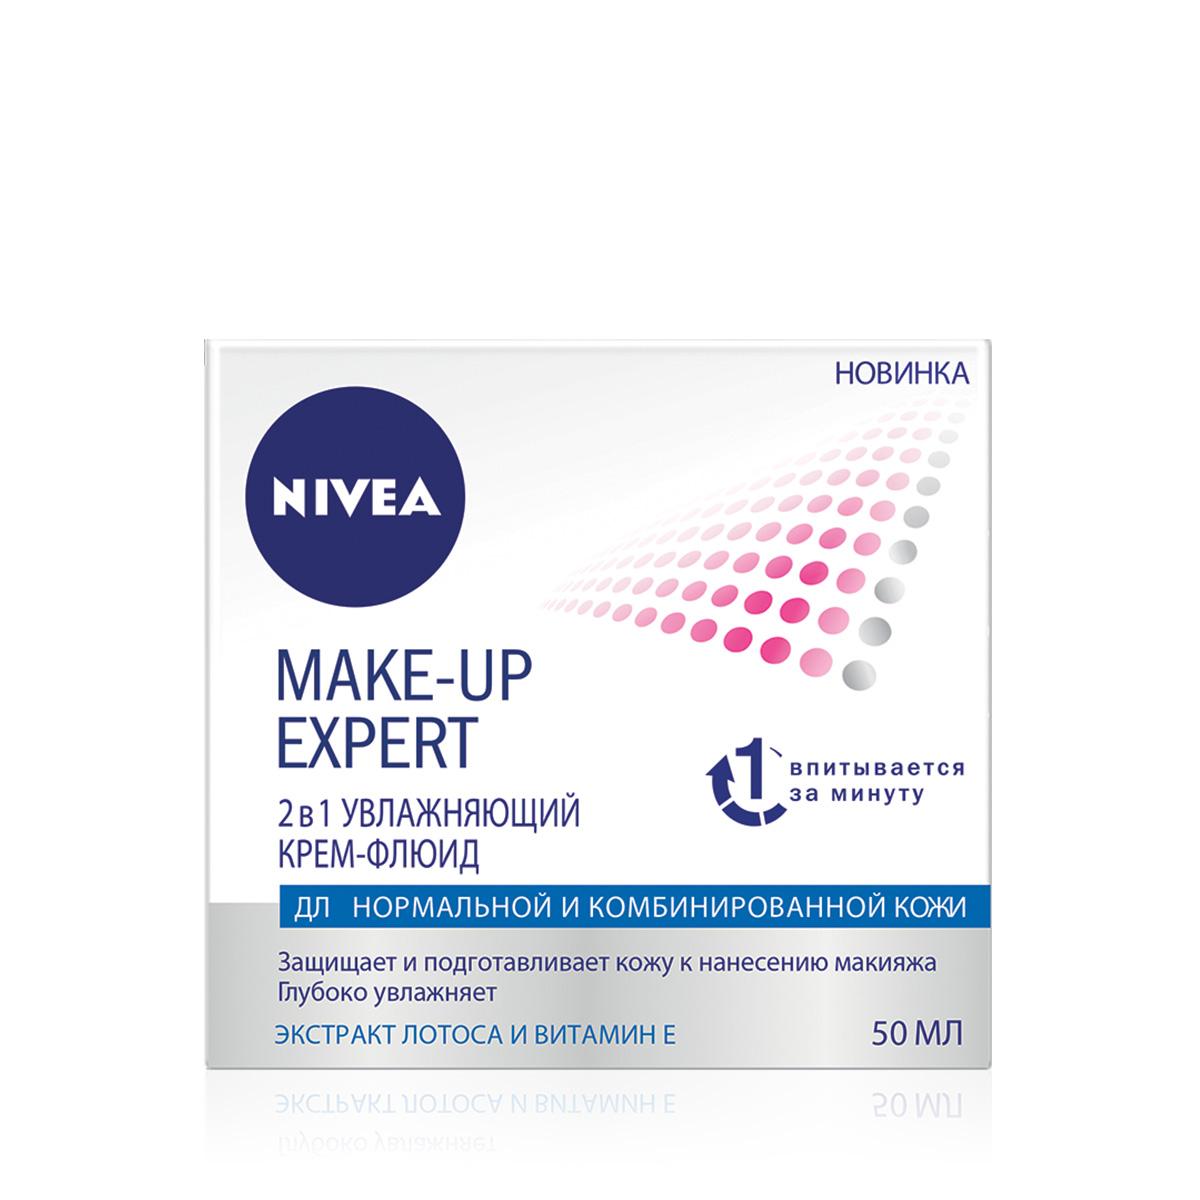 Крем-флюид MAKE-UP EXPERT 2в1 увлажняющий для нормальной и комбинированной кожи 50 мл крем флюид make up expert 2в1 увлажняющий для сухой и чувствительной кожи 50 мл